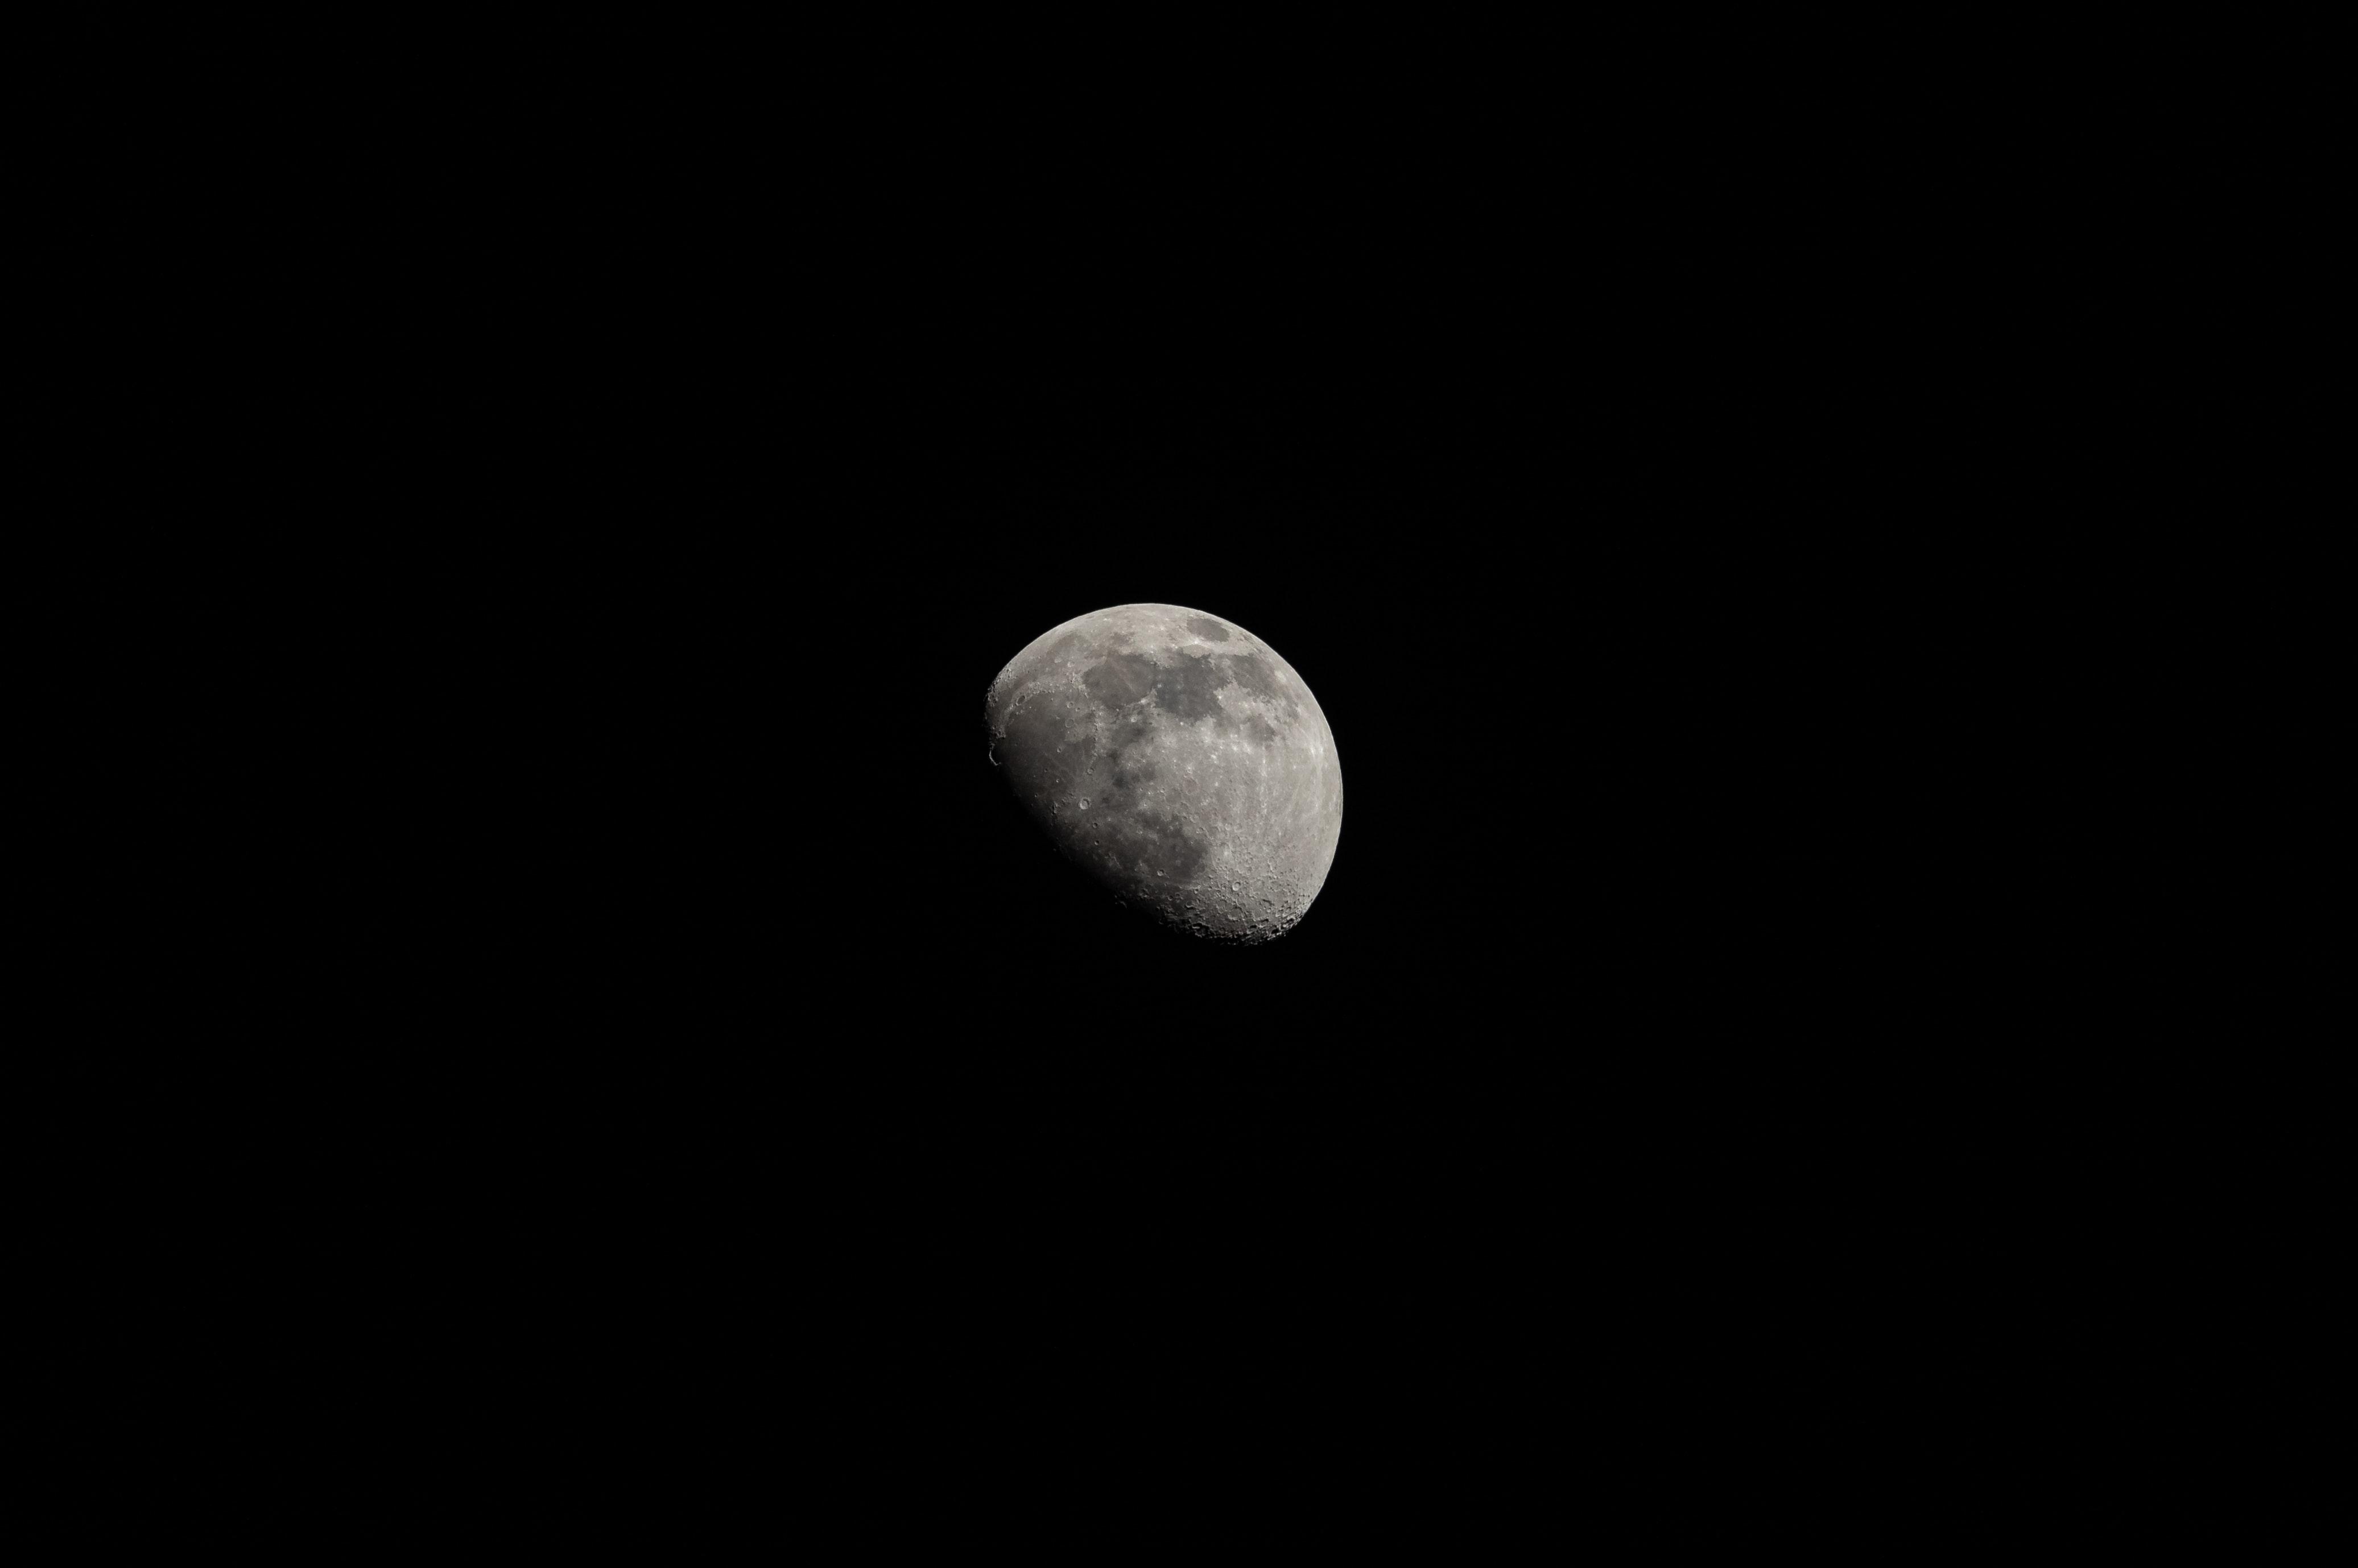 113092 Hintergrundbild herunterladen Hintergrund, Übernachtung, Mond, Das Schwarze - Bildschirmschoner und Bilder kostenlos